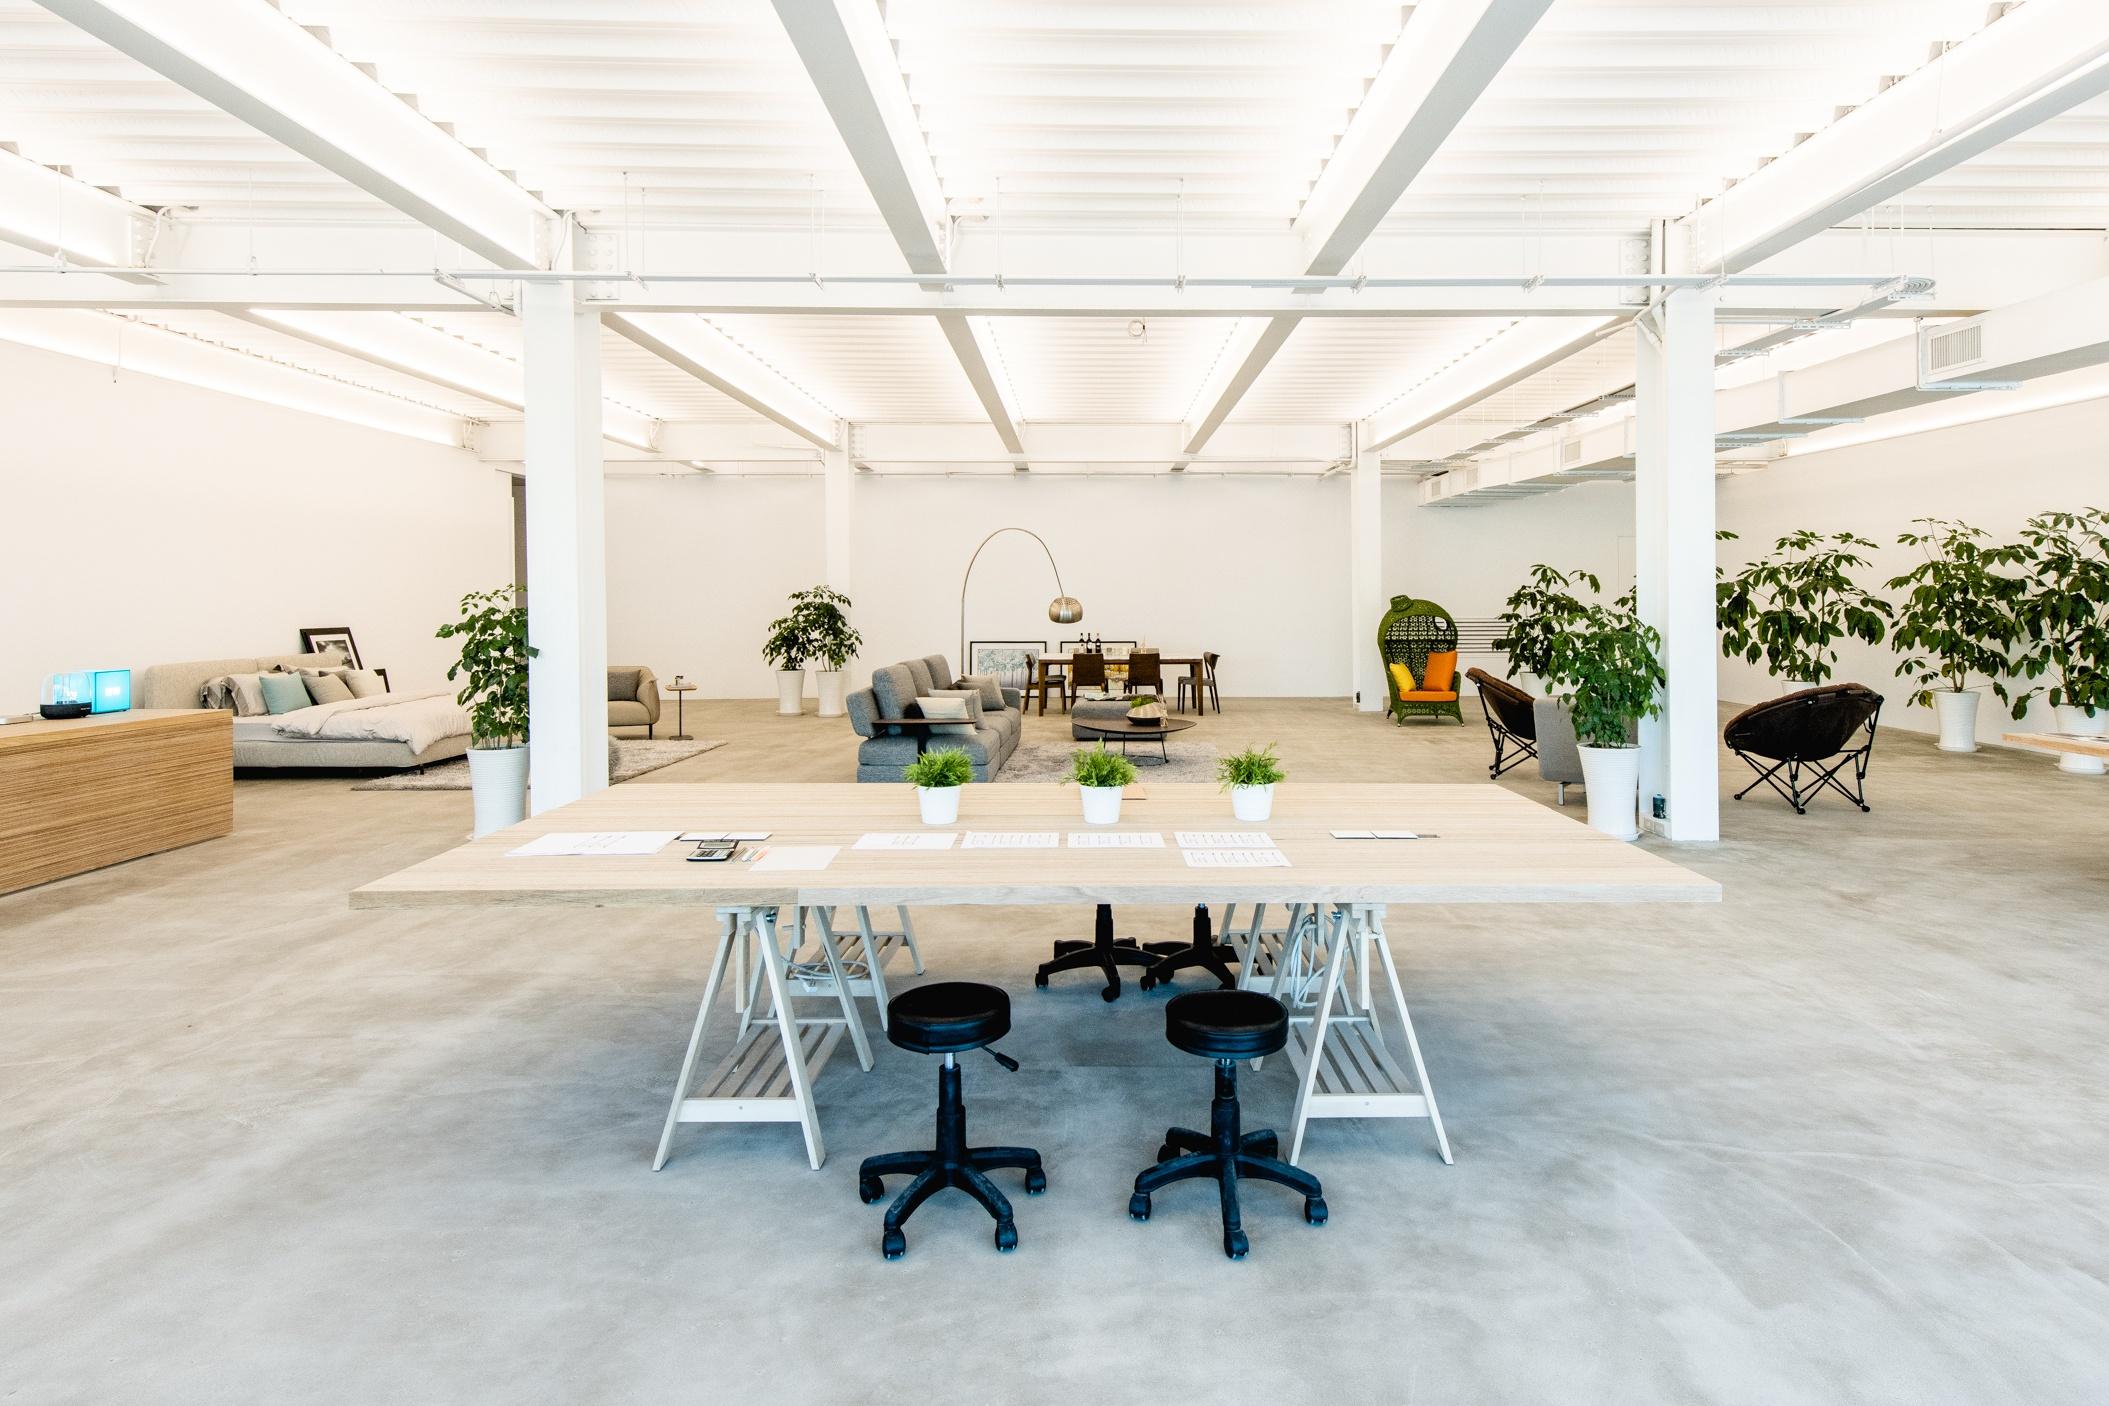 德築-DEZU-Zutian-interior-renovation-experience-5